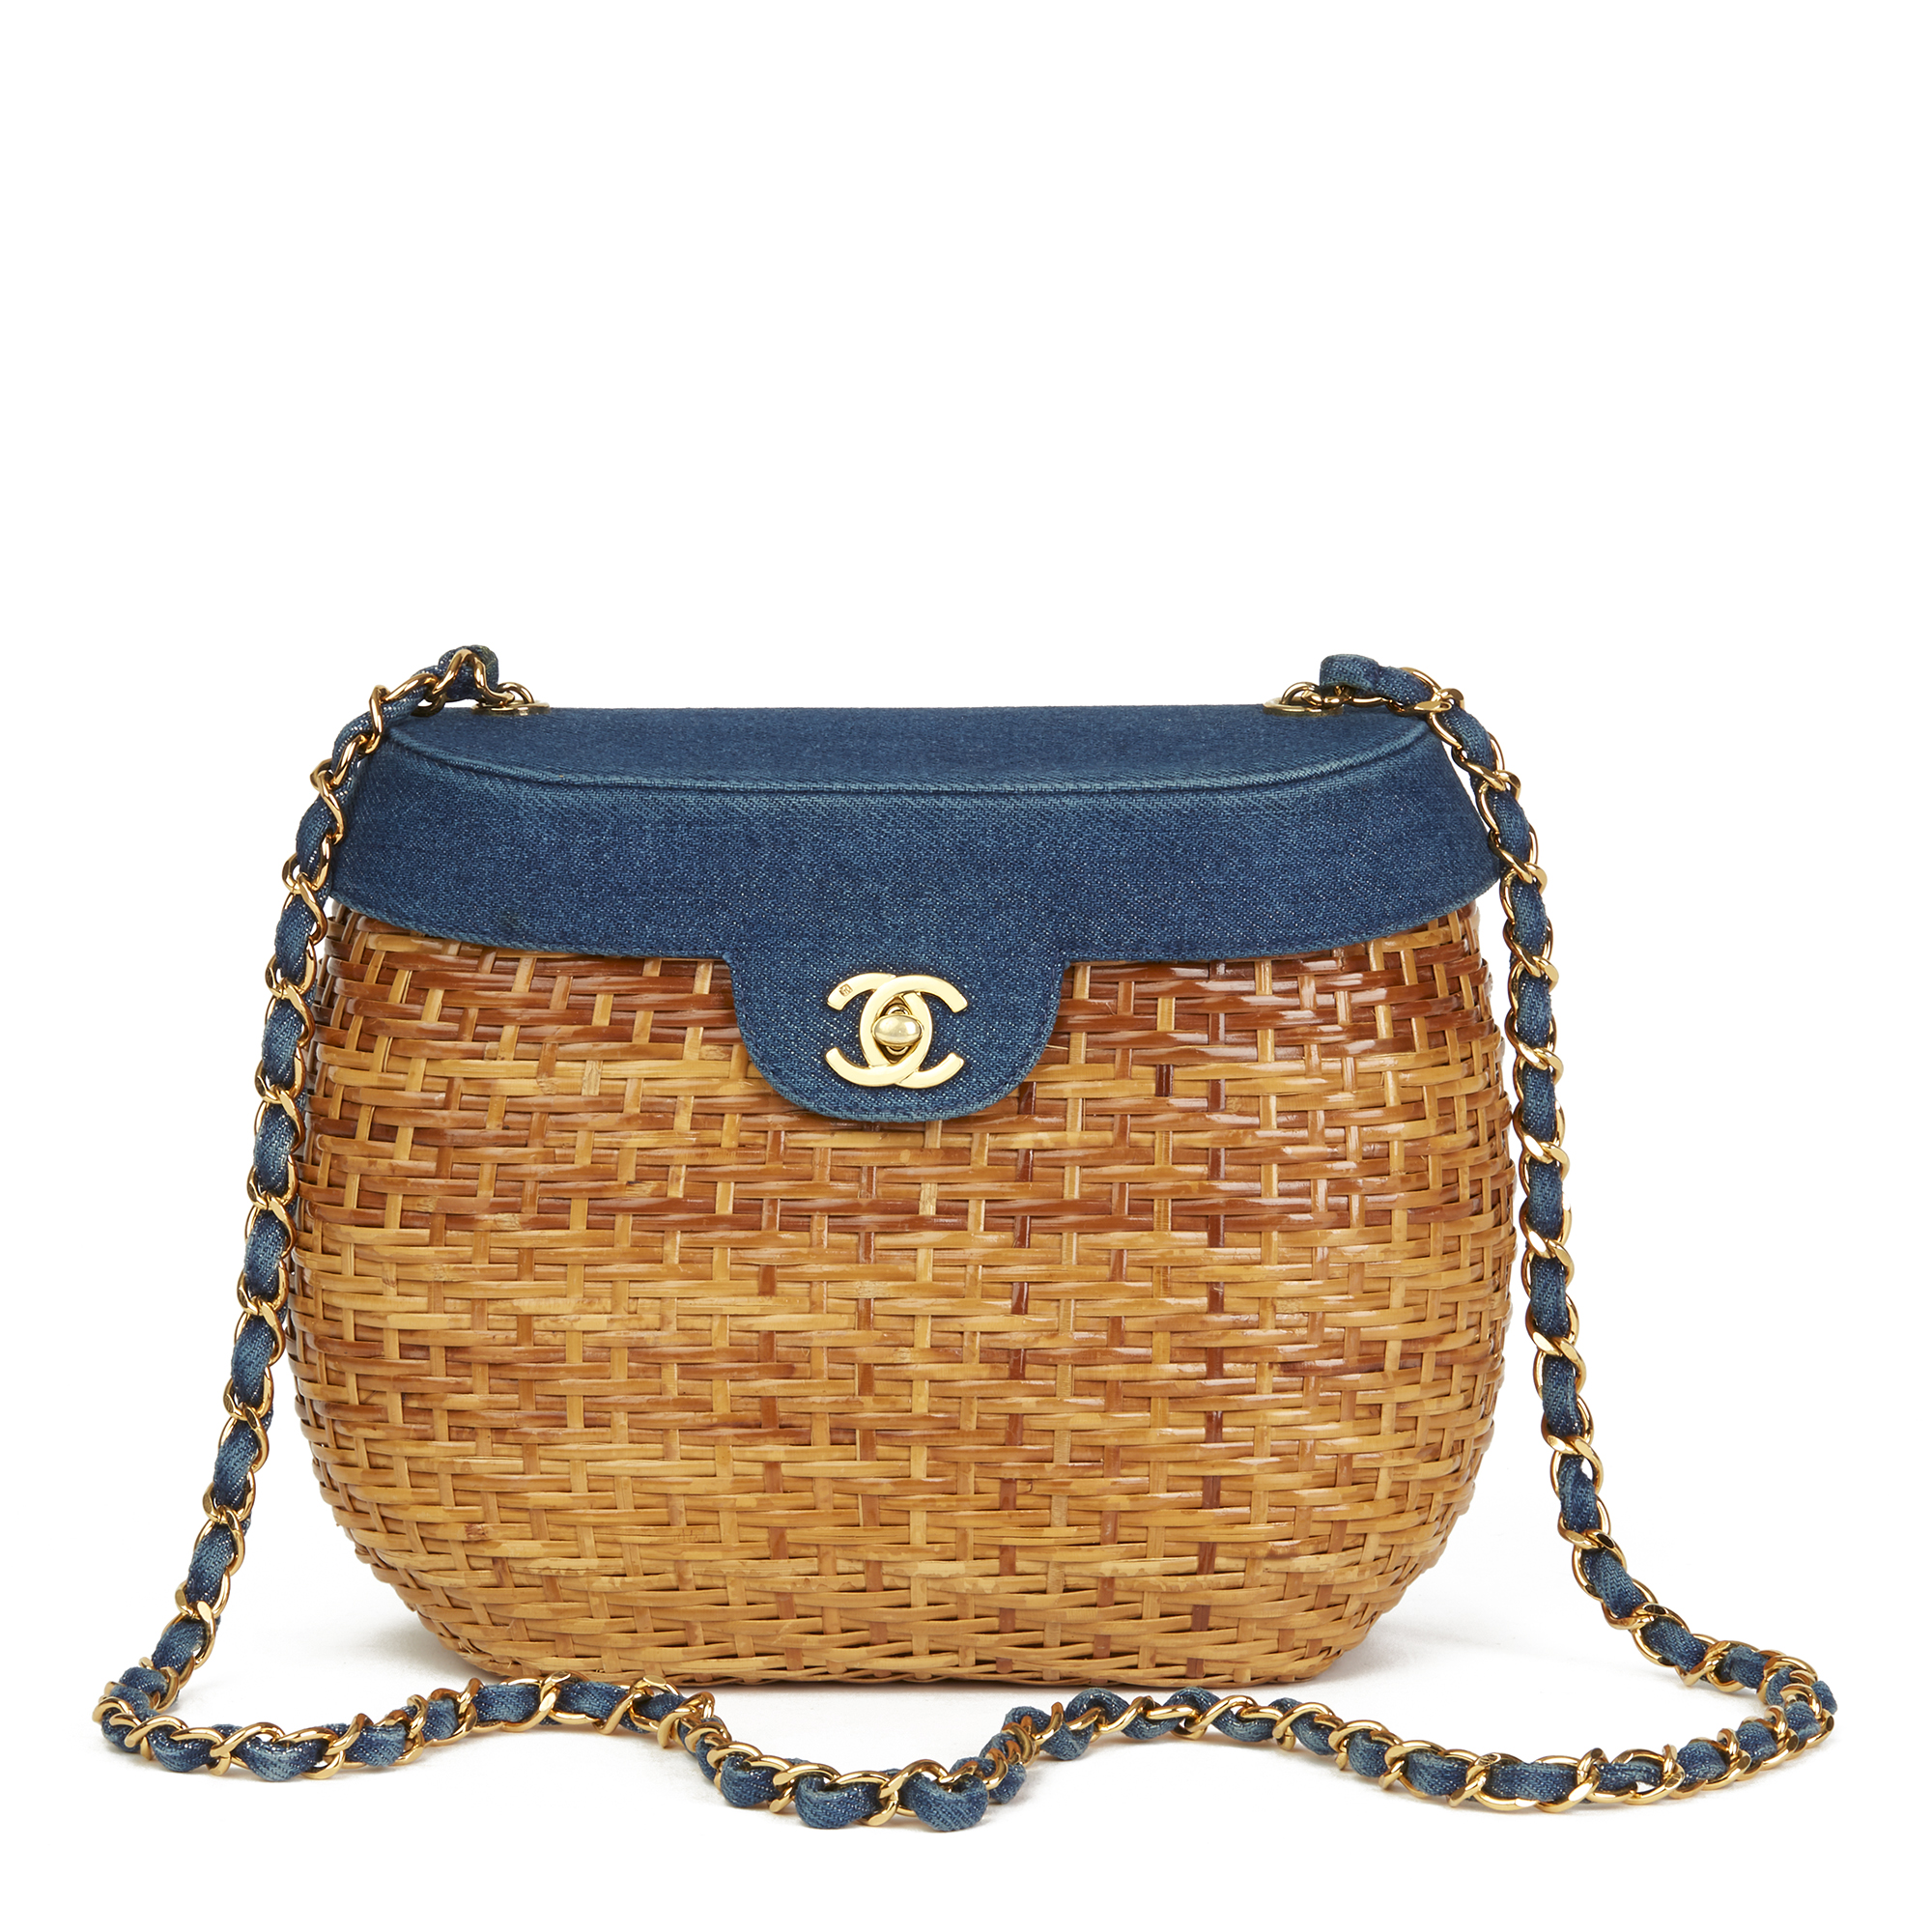 f9476d8c67c967 CHANEL BLUE DENIM & WOVEN STRAW 'PICNIC' VINTAGE BASKET BAG HB2496 ...